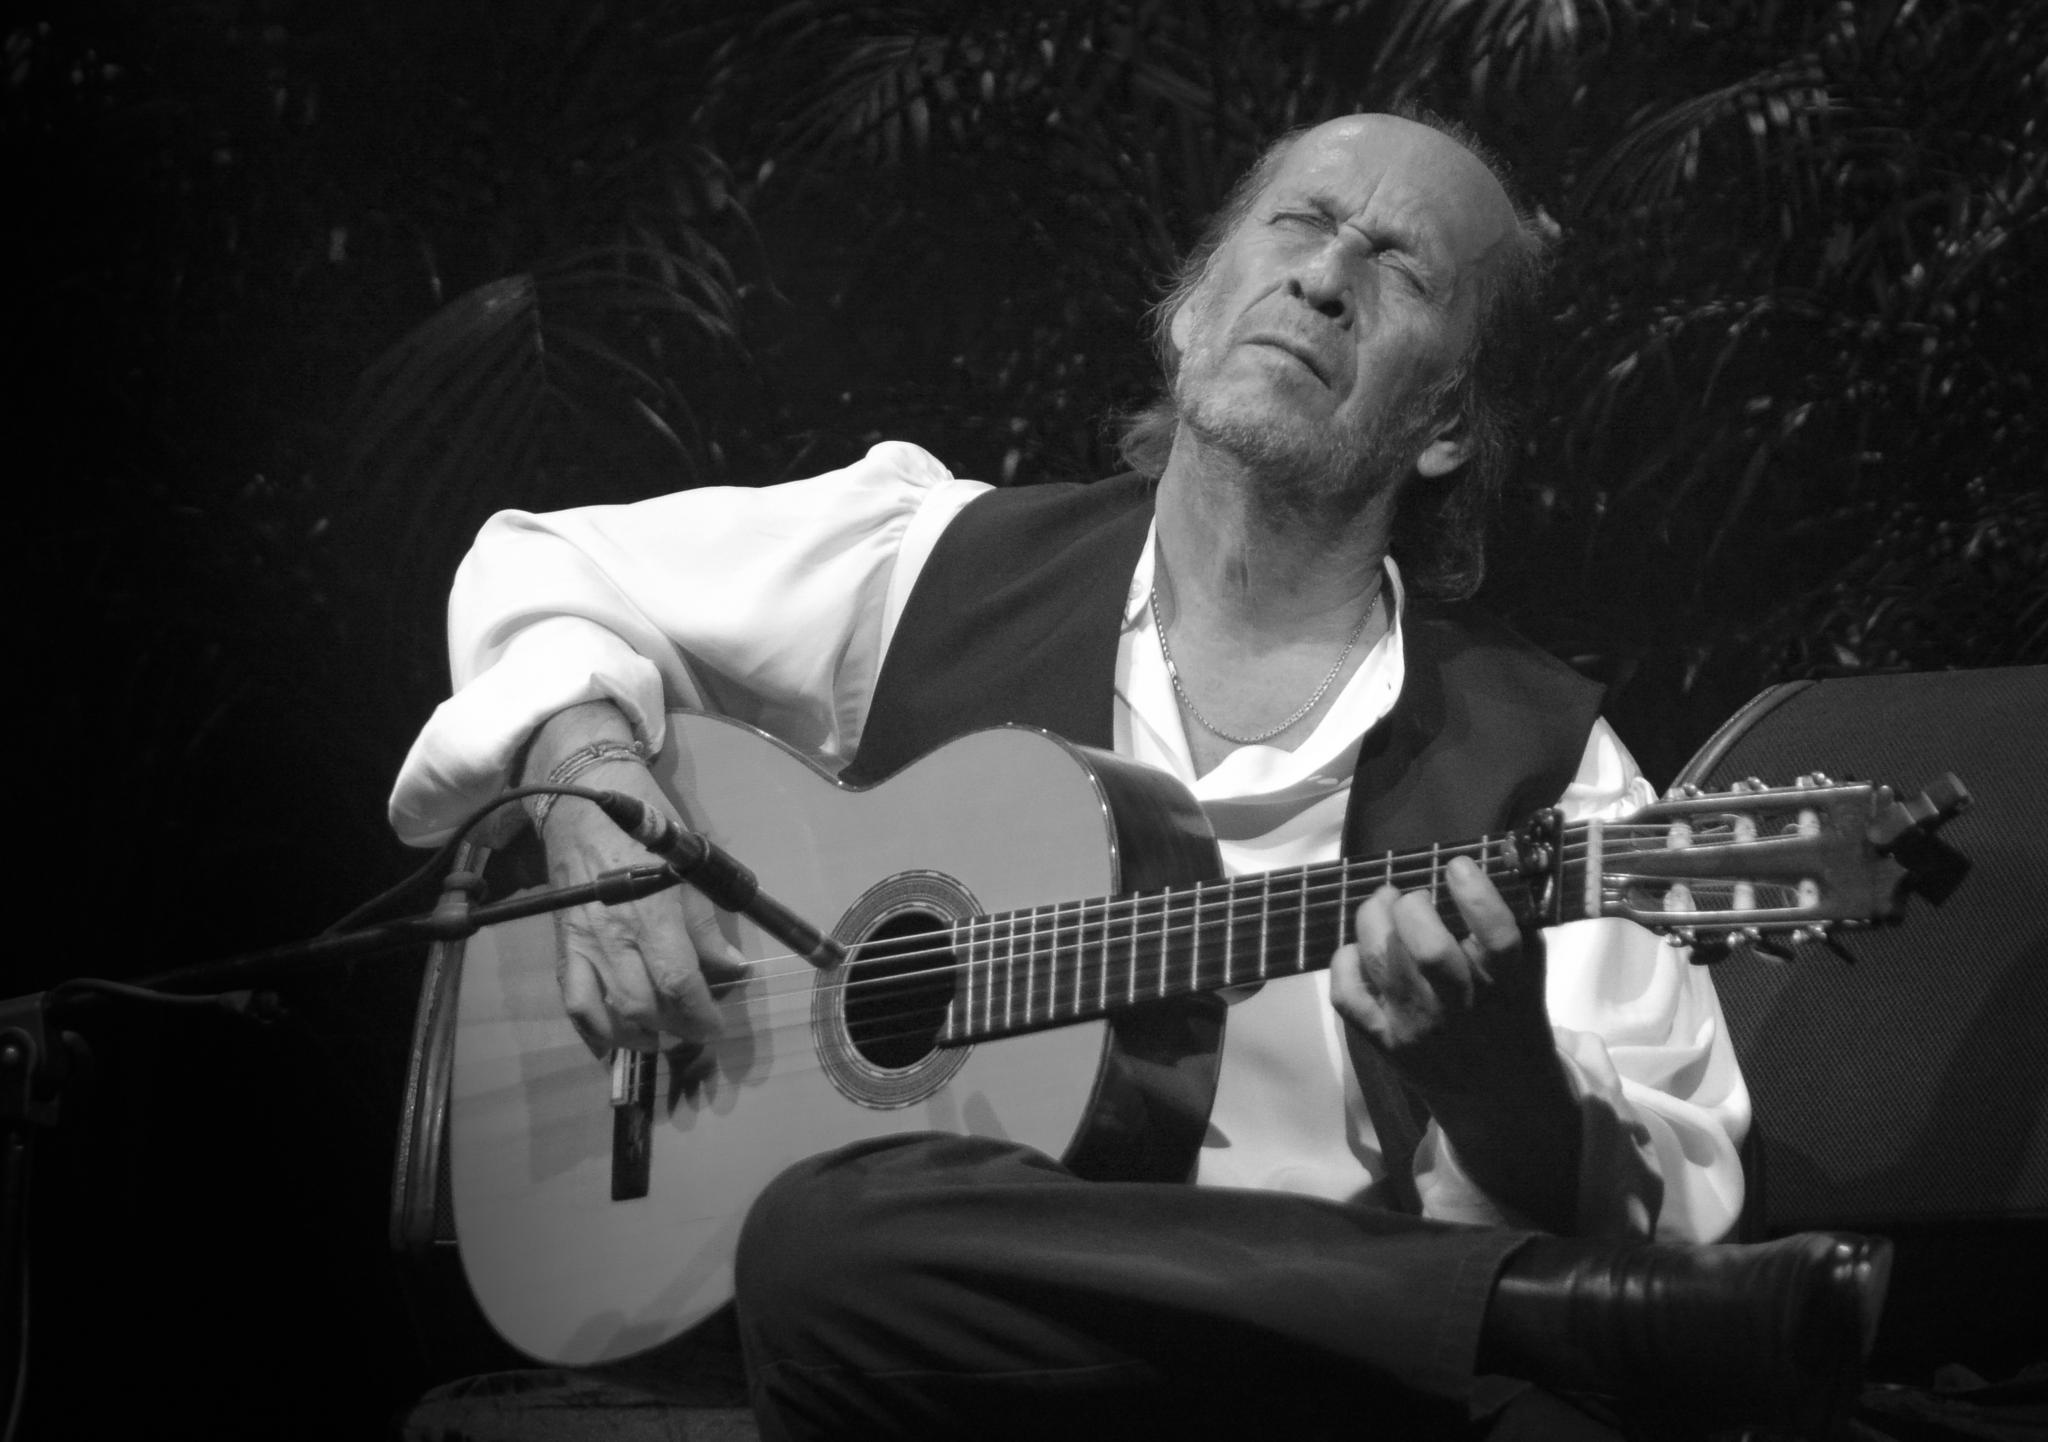 Paco de Lucía by Juan Carlos Garza Pérez